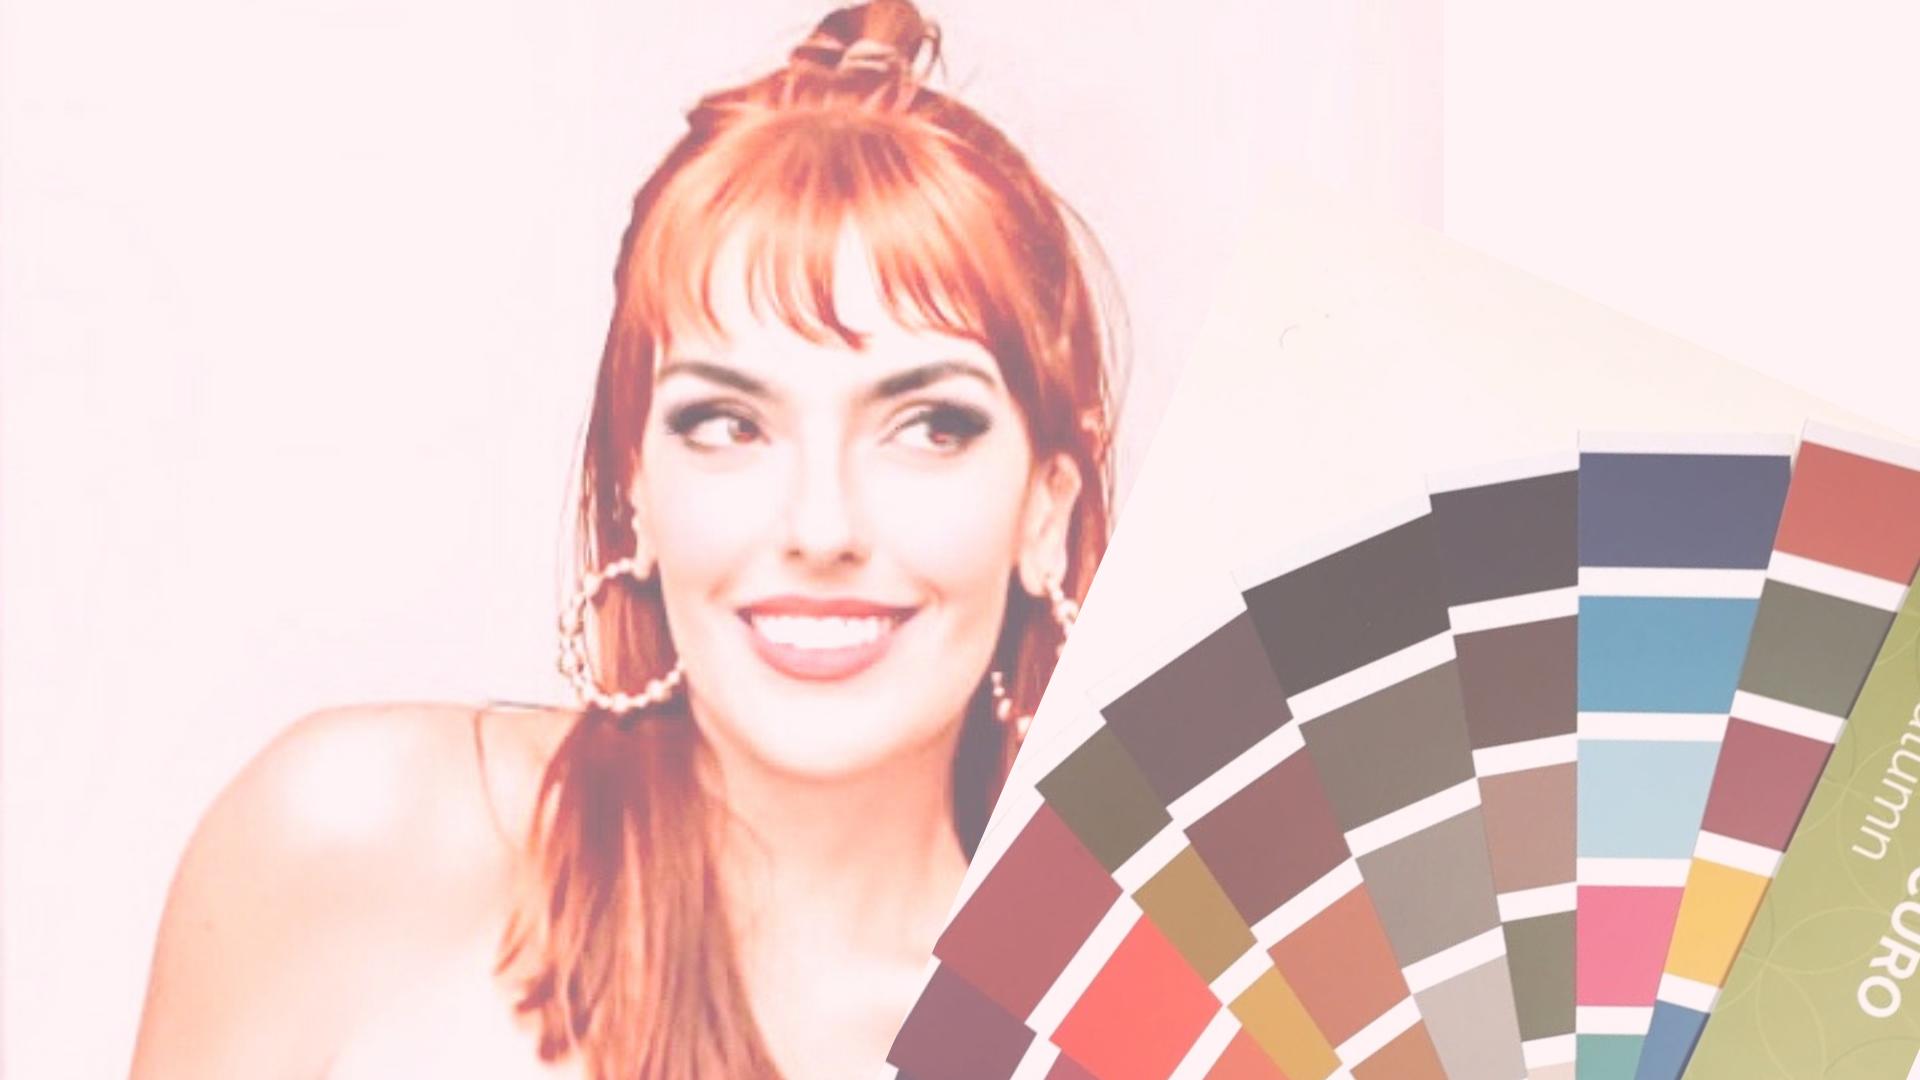 moda | dicas de moda | consultoria de moda | consultoria de estilo | coloração pessoal | estudo das cores | cores quentes e cores frias